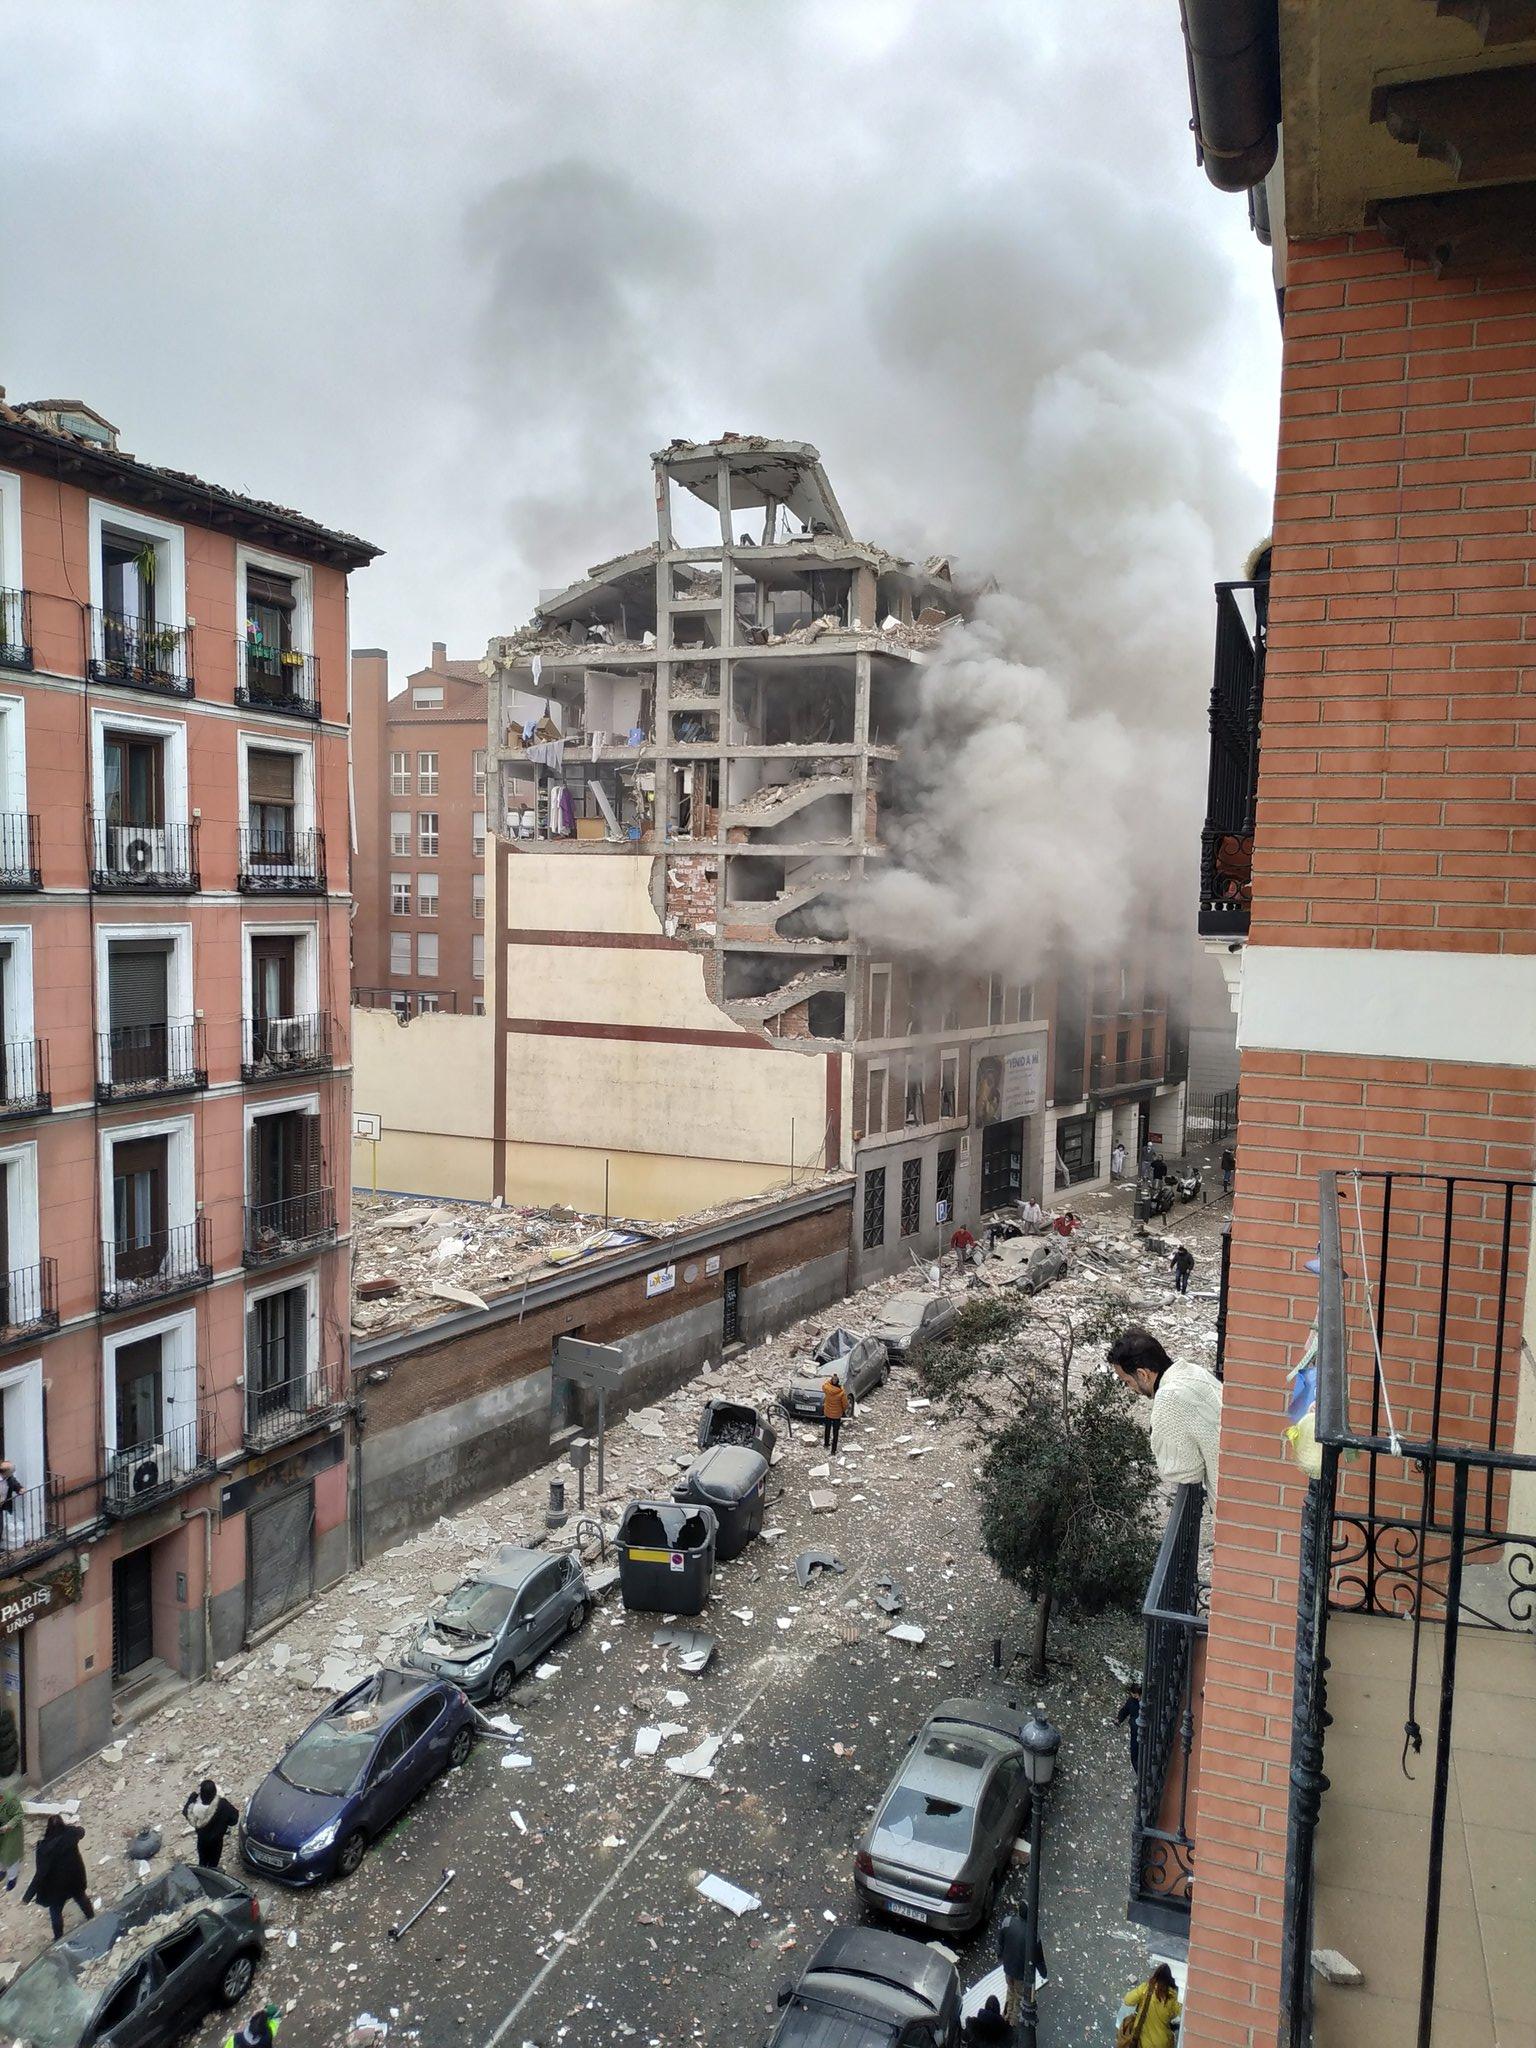 西班牙马德里市中心的一处建筑发生强烈爆炸